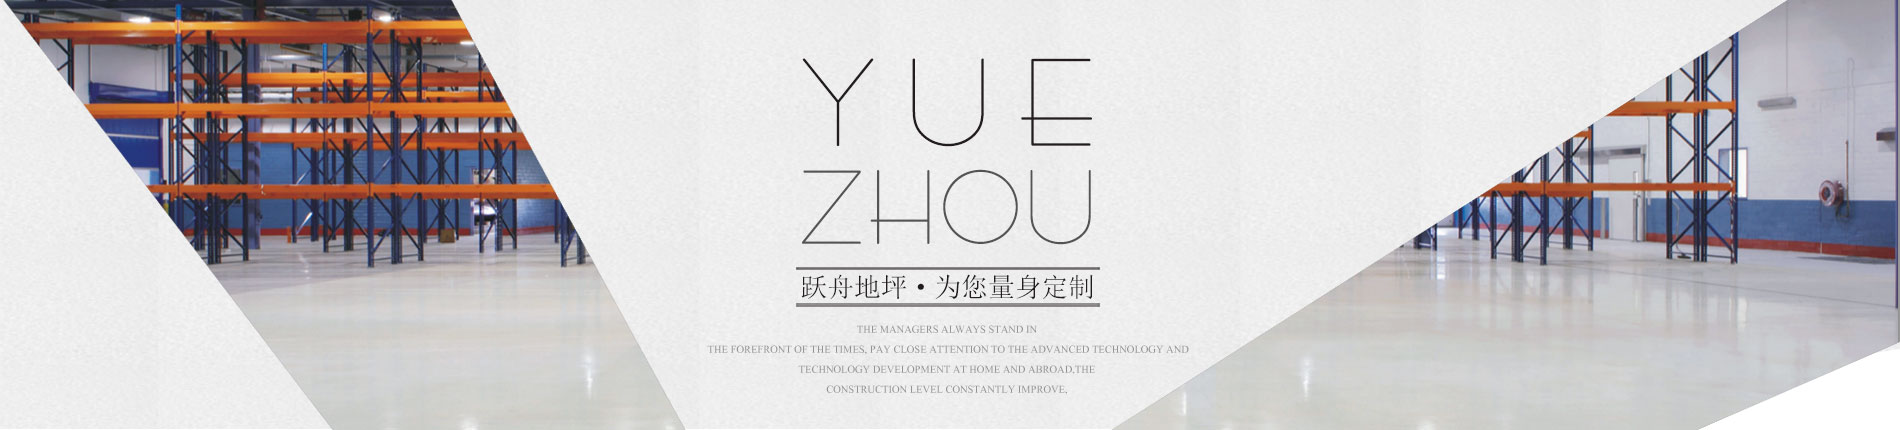 上海跃舟建筑装饰工程有限公司